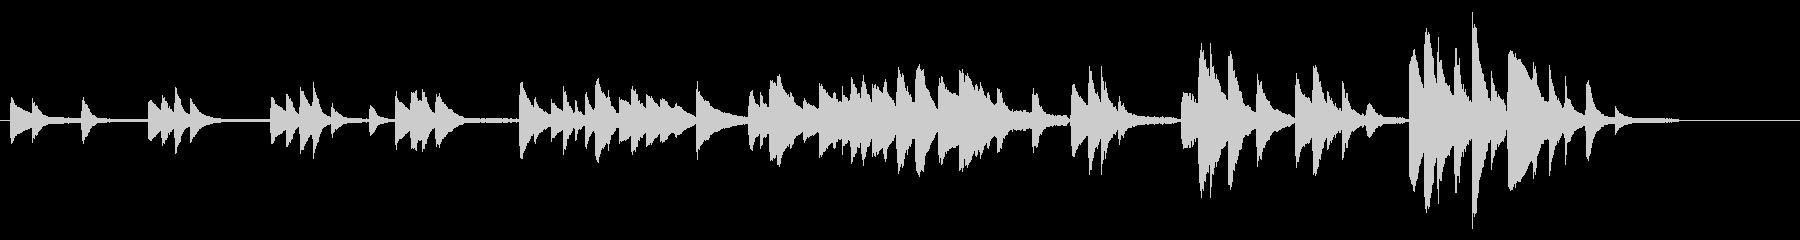 ドビュッシー「月の光」前半部分(部屋)の未再生の波形